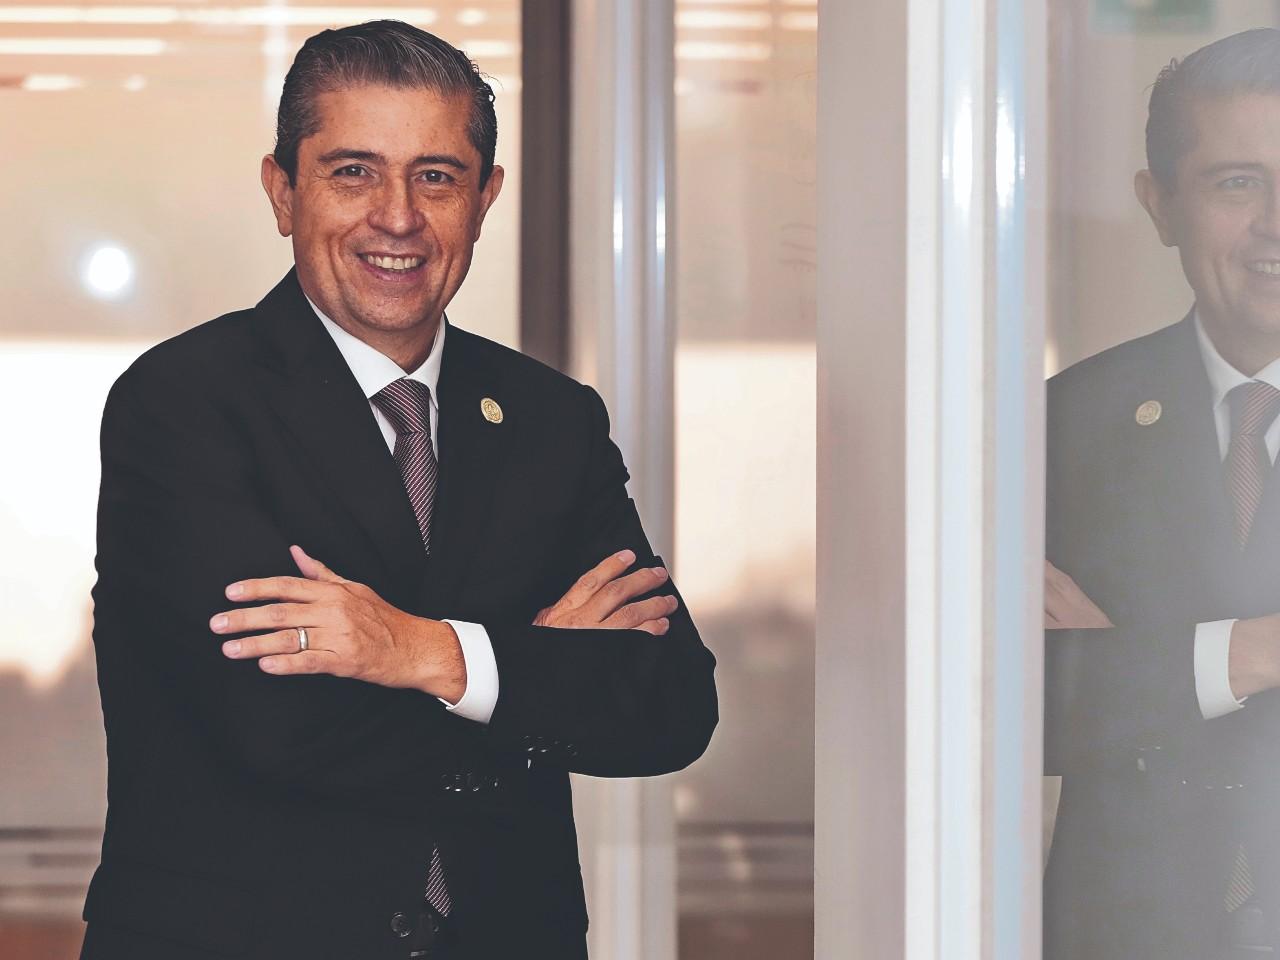 Nuevo alcalde de Coyoacán transparentará las anomalías de la antigua administración